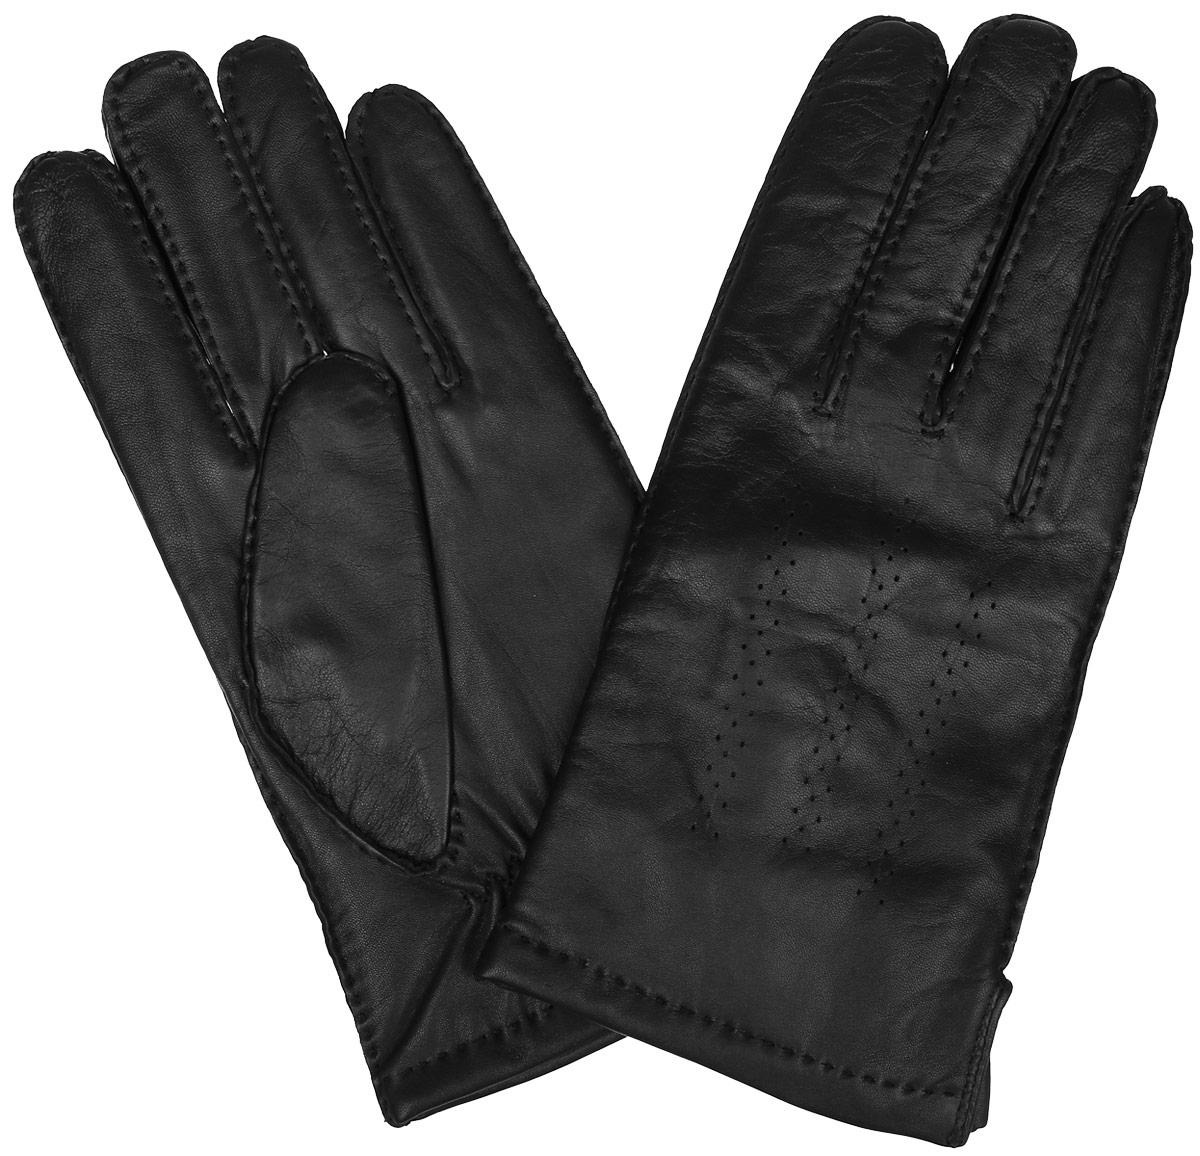 Перчатки мужские. 100_GRES100_GRES/BLКлассические мужские перчатки Dali Exclusive не только защитят ваши руки, но и станут великолепным украшением. Перчатки выполнены из чрезвычайно мягкой и приятной на ощупь натуральной кожи ягненка, а их подкладка - из натуральной овечьей шерсти. Перчатки с внешней стороны оформлены декоративной перфорацией и стежками. Модель благодаря своему лаконичному исполнению прекрасно дополнит образ любого мужчины и сделает его более стильным, придав тонкую нотку брутальности. Создайте элегантный образ и подчеркните свою яркую индивидуальность новым аксессуаром!